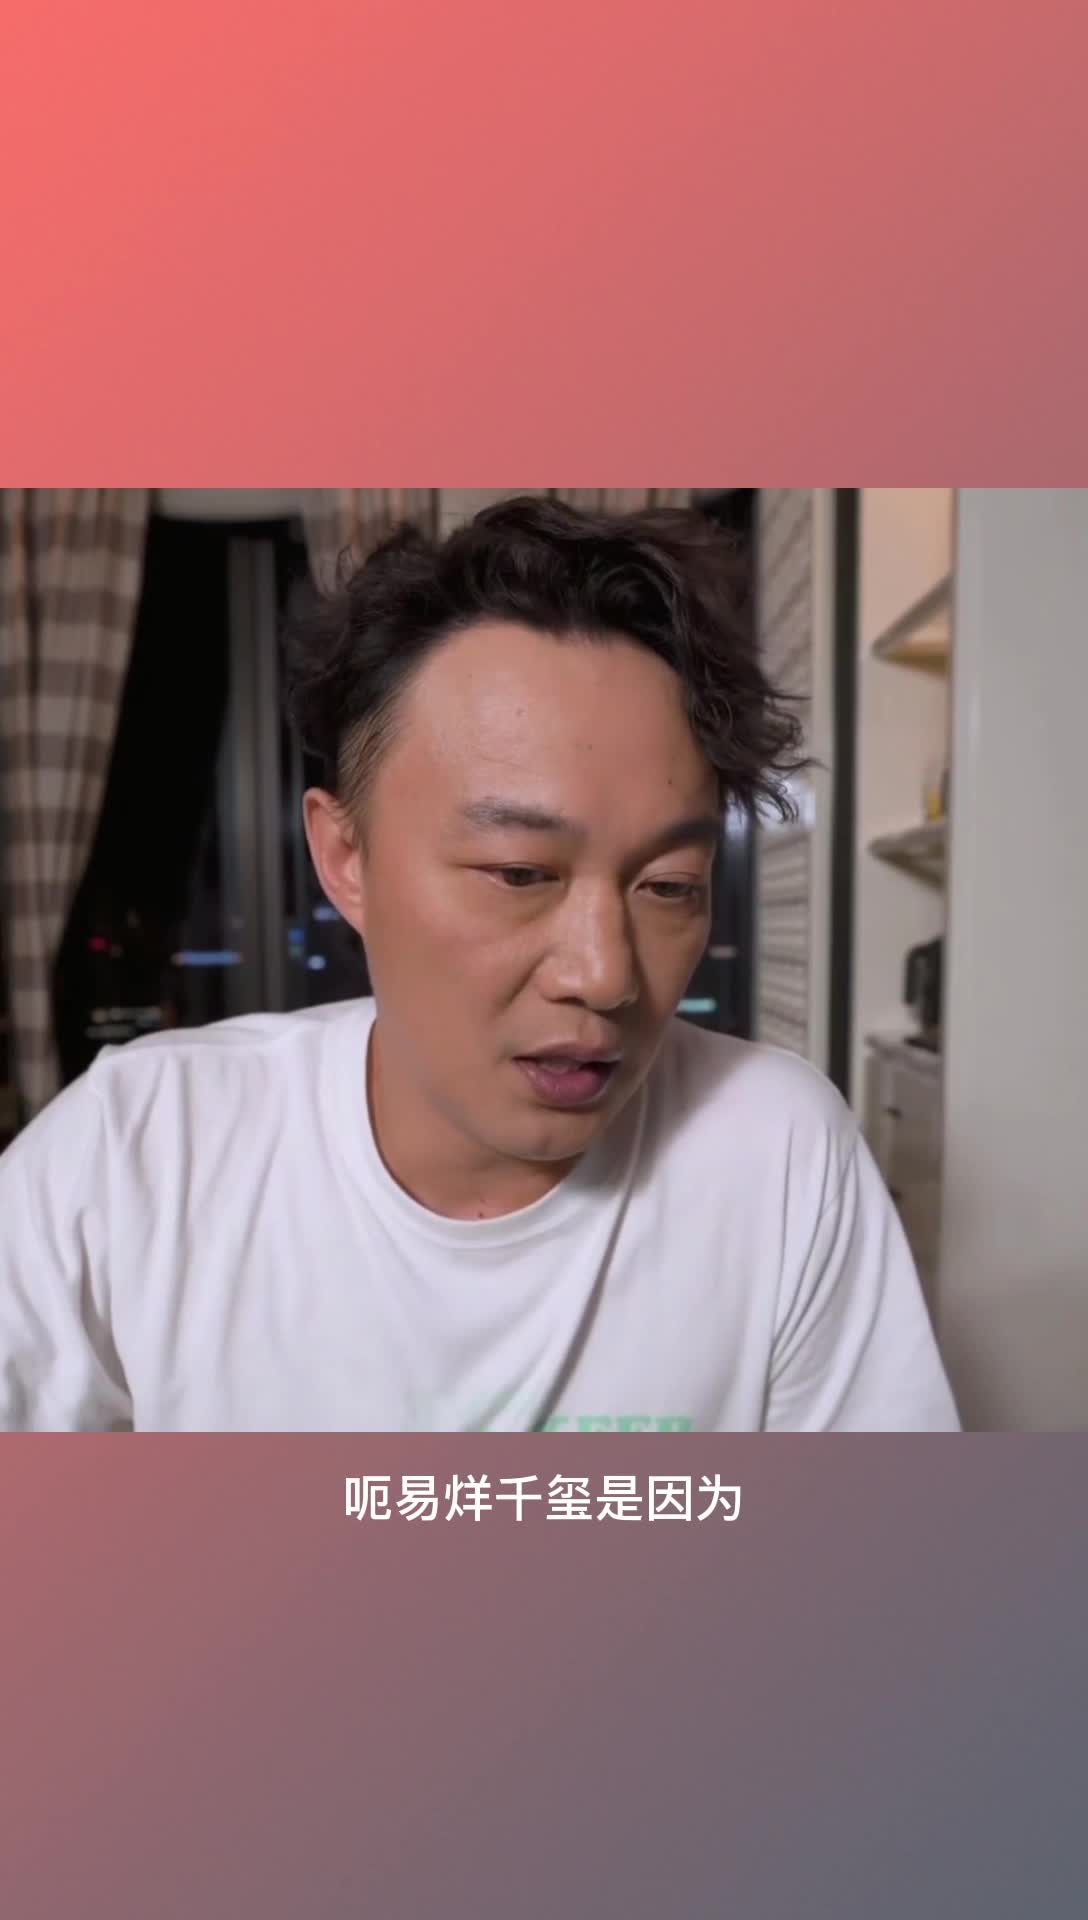 陈奕迅说自己地位高